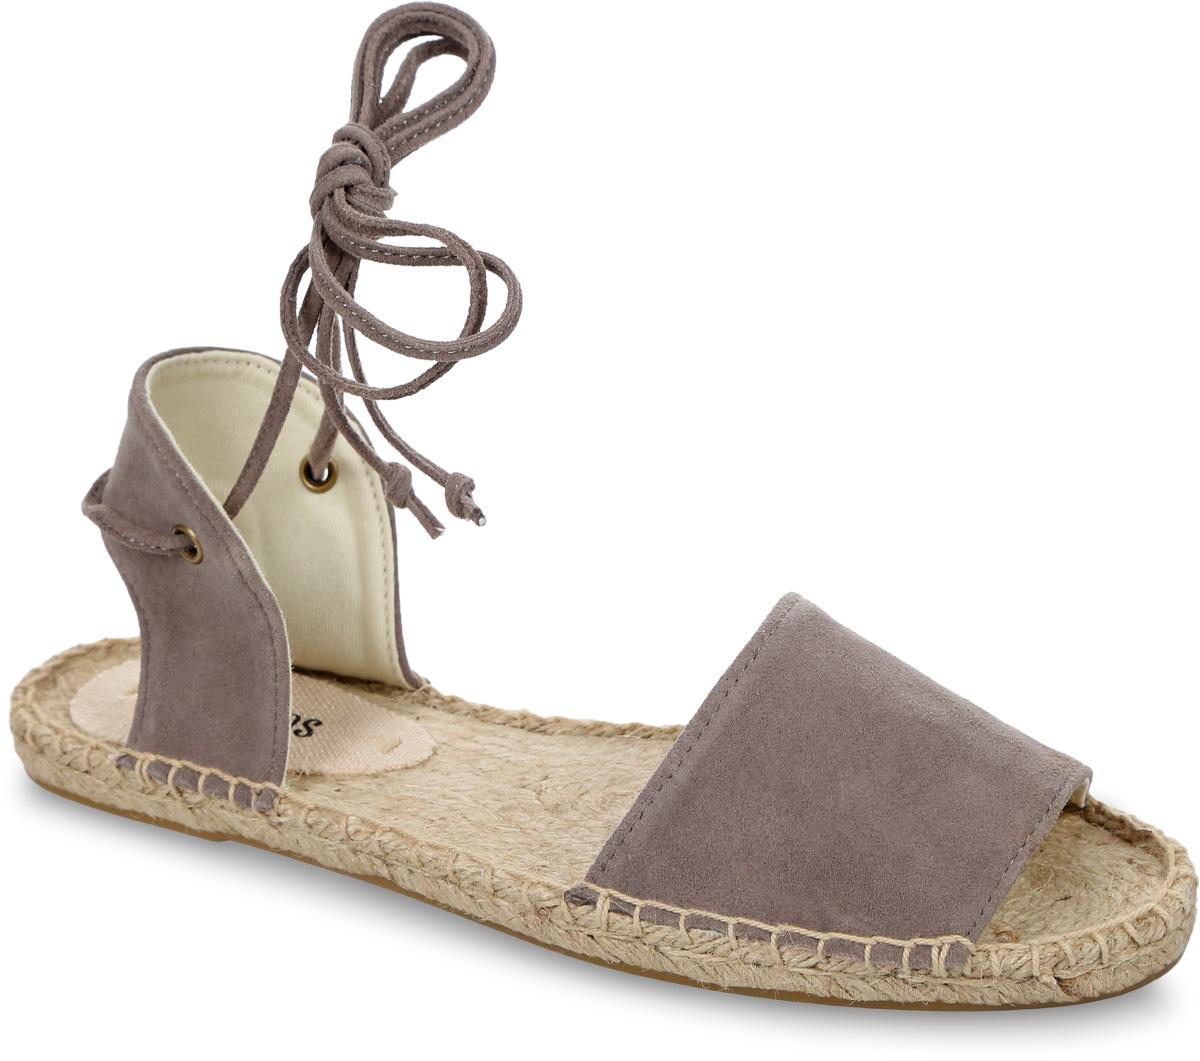 Сандалии женские Soludos Suede Balearic Tie-Up Sandal, цвет: светло-серый. 1000142. Размер 8,5 (39)1000142-DOVE GRAYСтильные женские сандалии Suede Balearic Tie-Up Sandal от Soludos изготовлены из натуральной высококачественной замши и оформлены крупными декоративными стежками вдоль ранта. Модель фиксируется на ноге при помощи завязок, расположенных на заднике. Внутренняя поверхность и стелька выполнены из текстиля, отвечающего за комфорт при движении. Верхняя часть подошвы изготовлена из плетеной джутовой нити, нижняя часть - из резины. Подошва дополнена рифленой поверхностью.